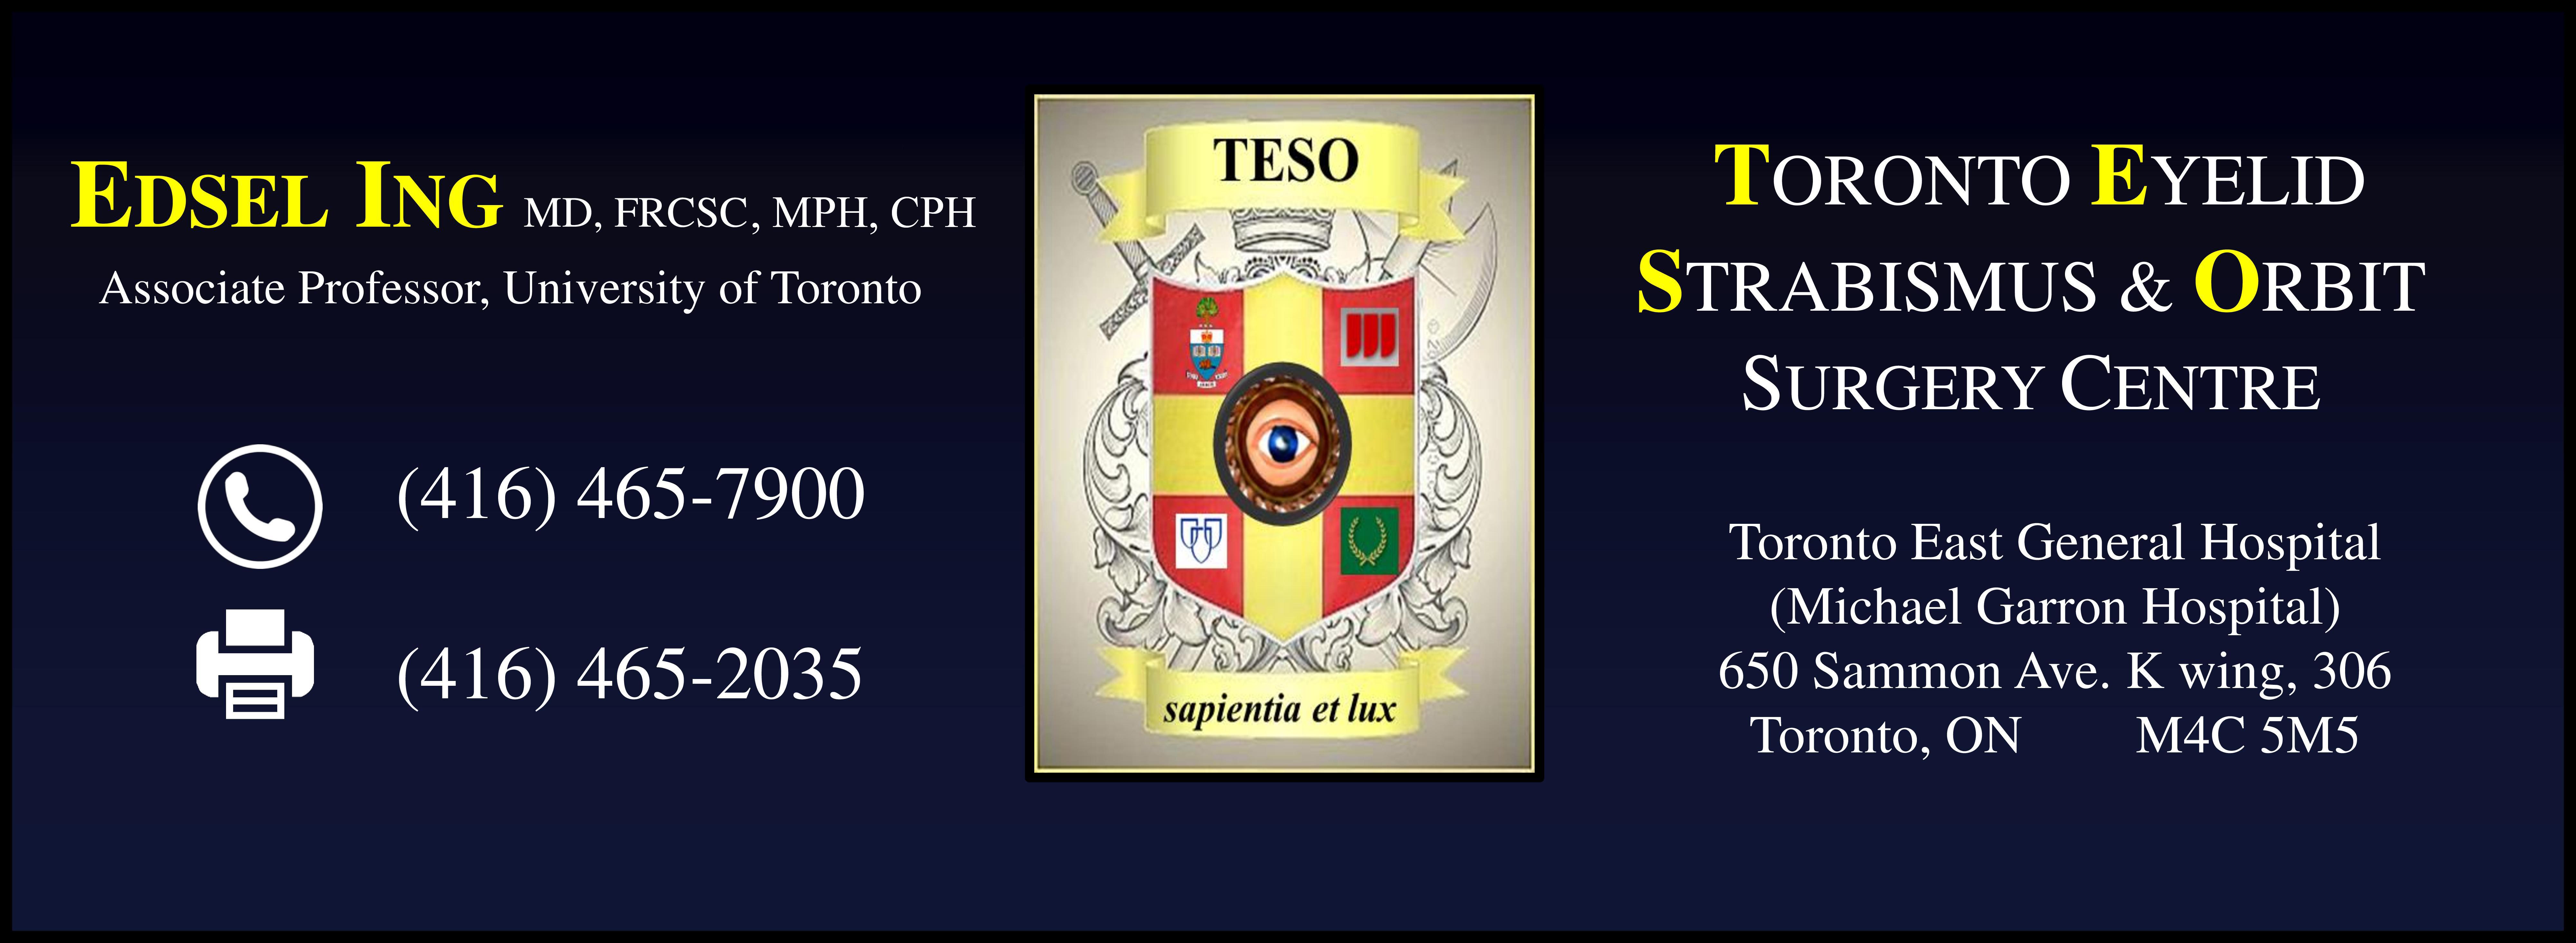 Edsel Ing: Toronto Eyelid Strabismus & Orbit Surgery Centre